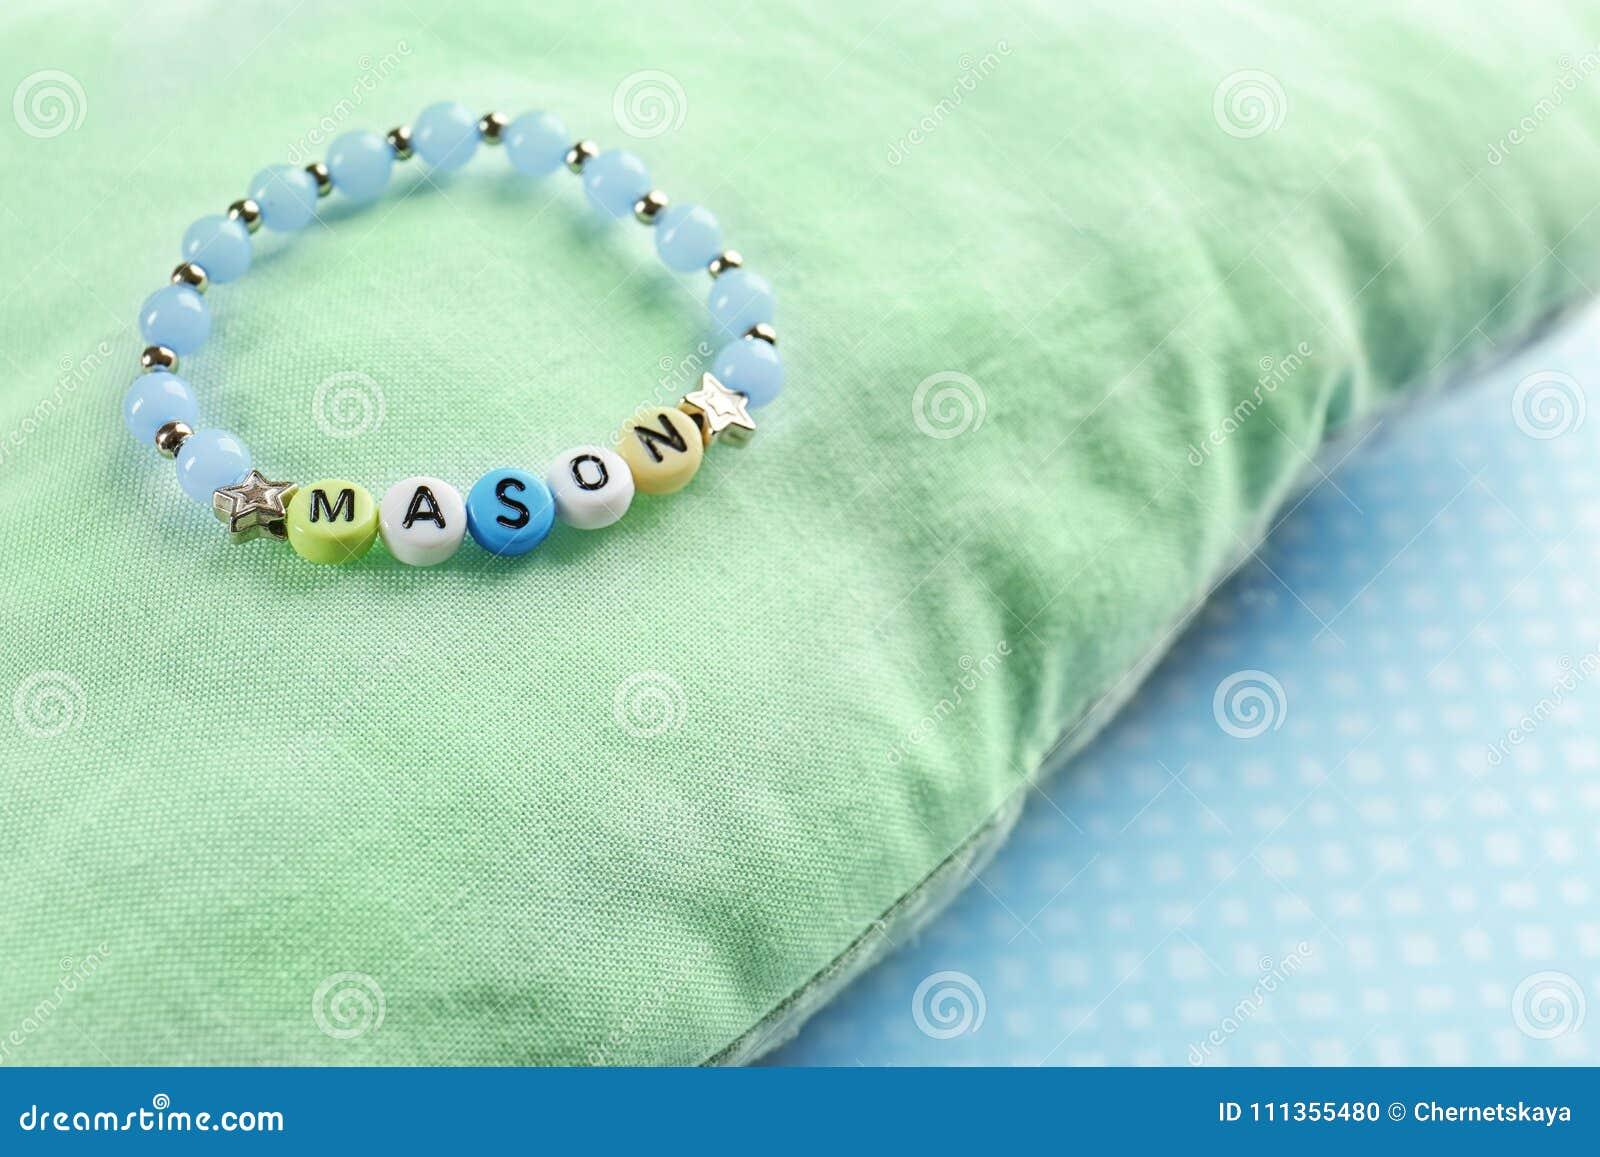 Bracelet with baby name MASON